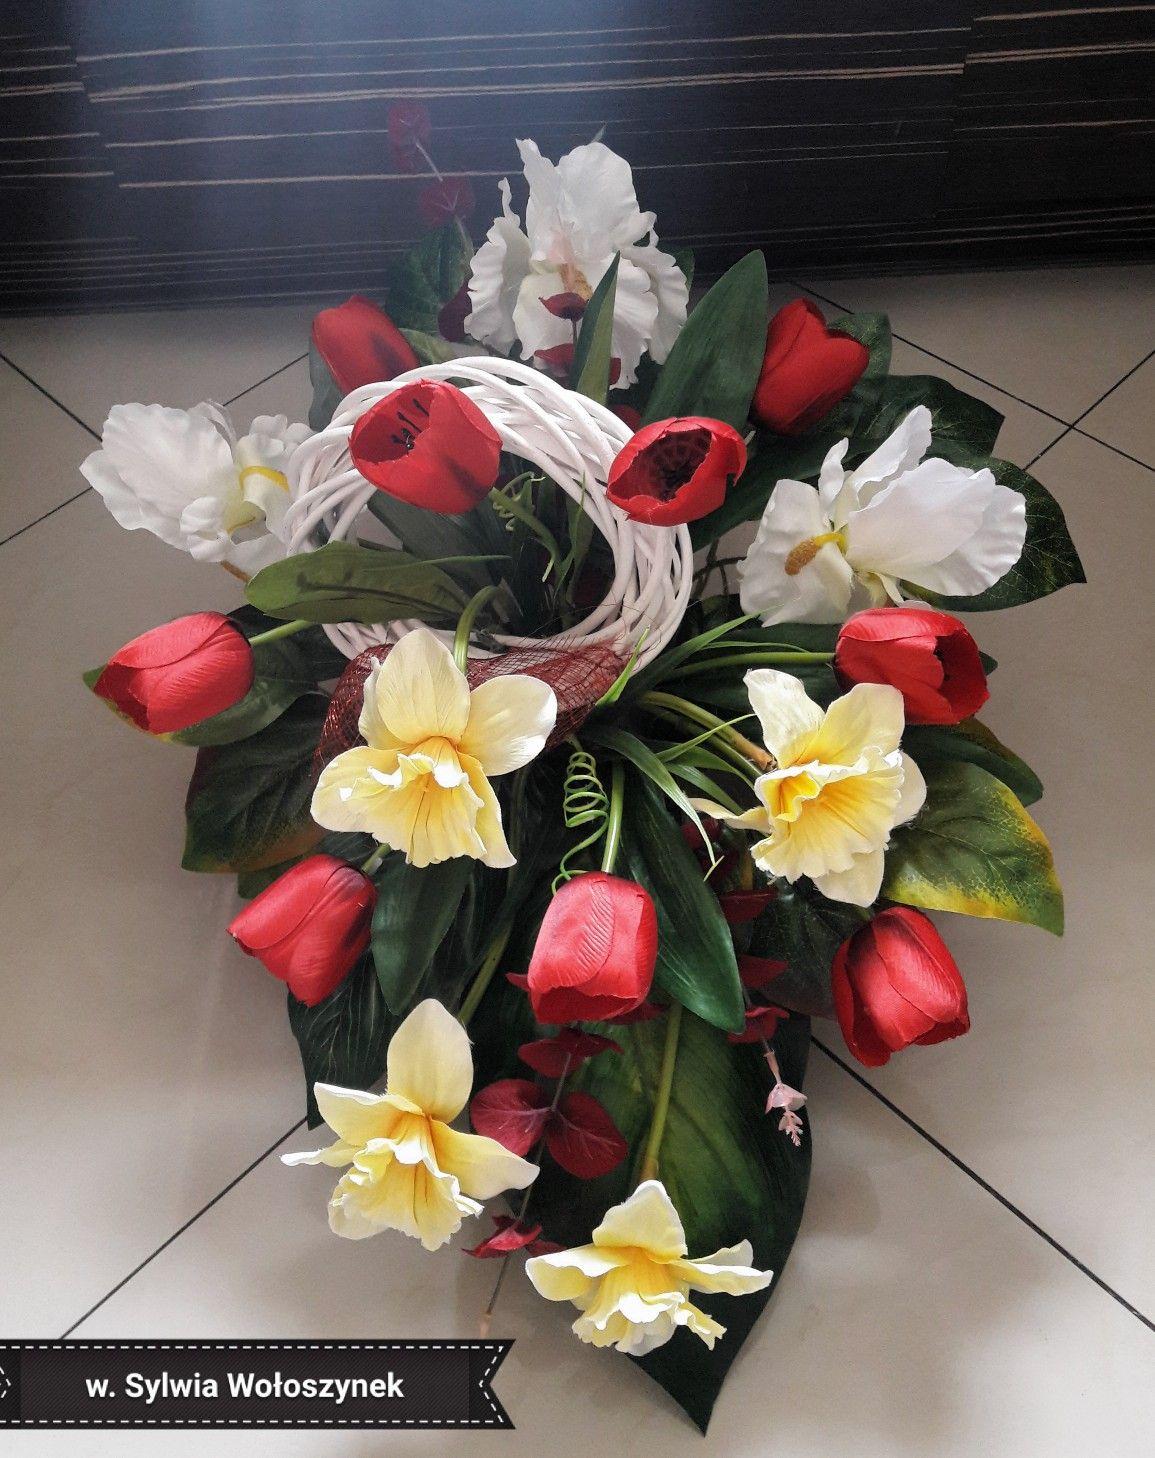 Kompozycja Nagrobna Wiosna 2018 Wyk Sylwia Woloszynek Flower Arrangements Diy Flowers Flowers